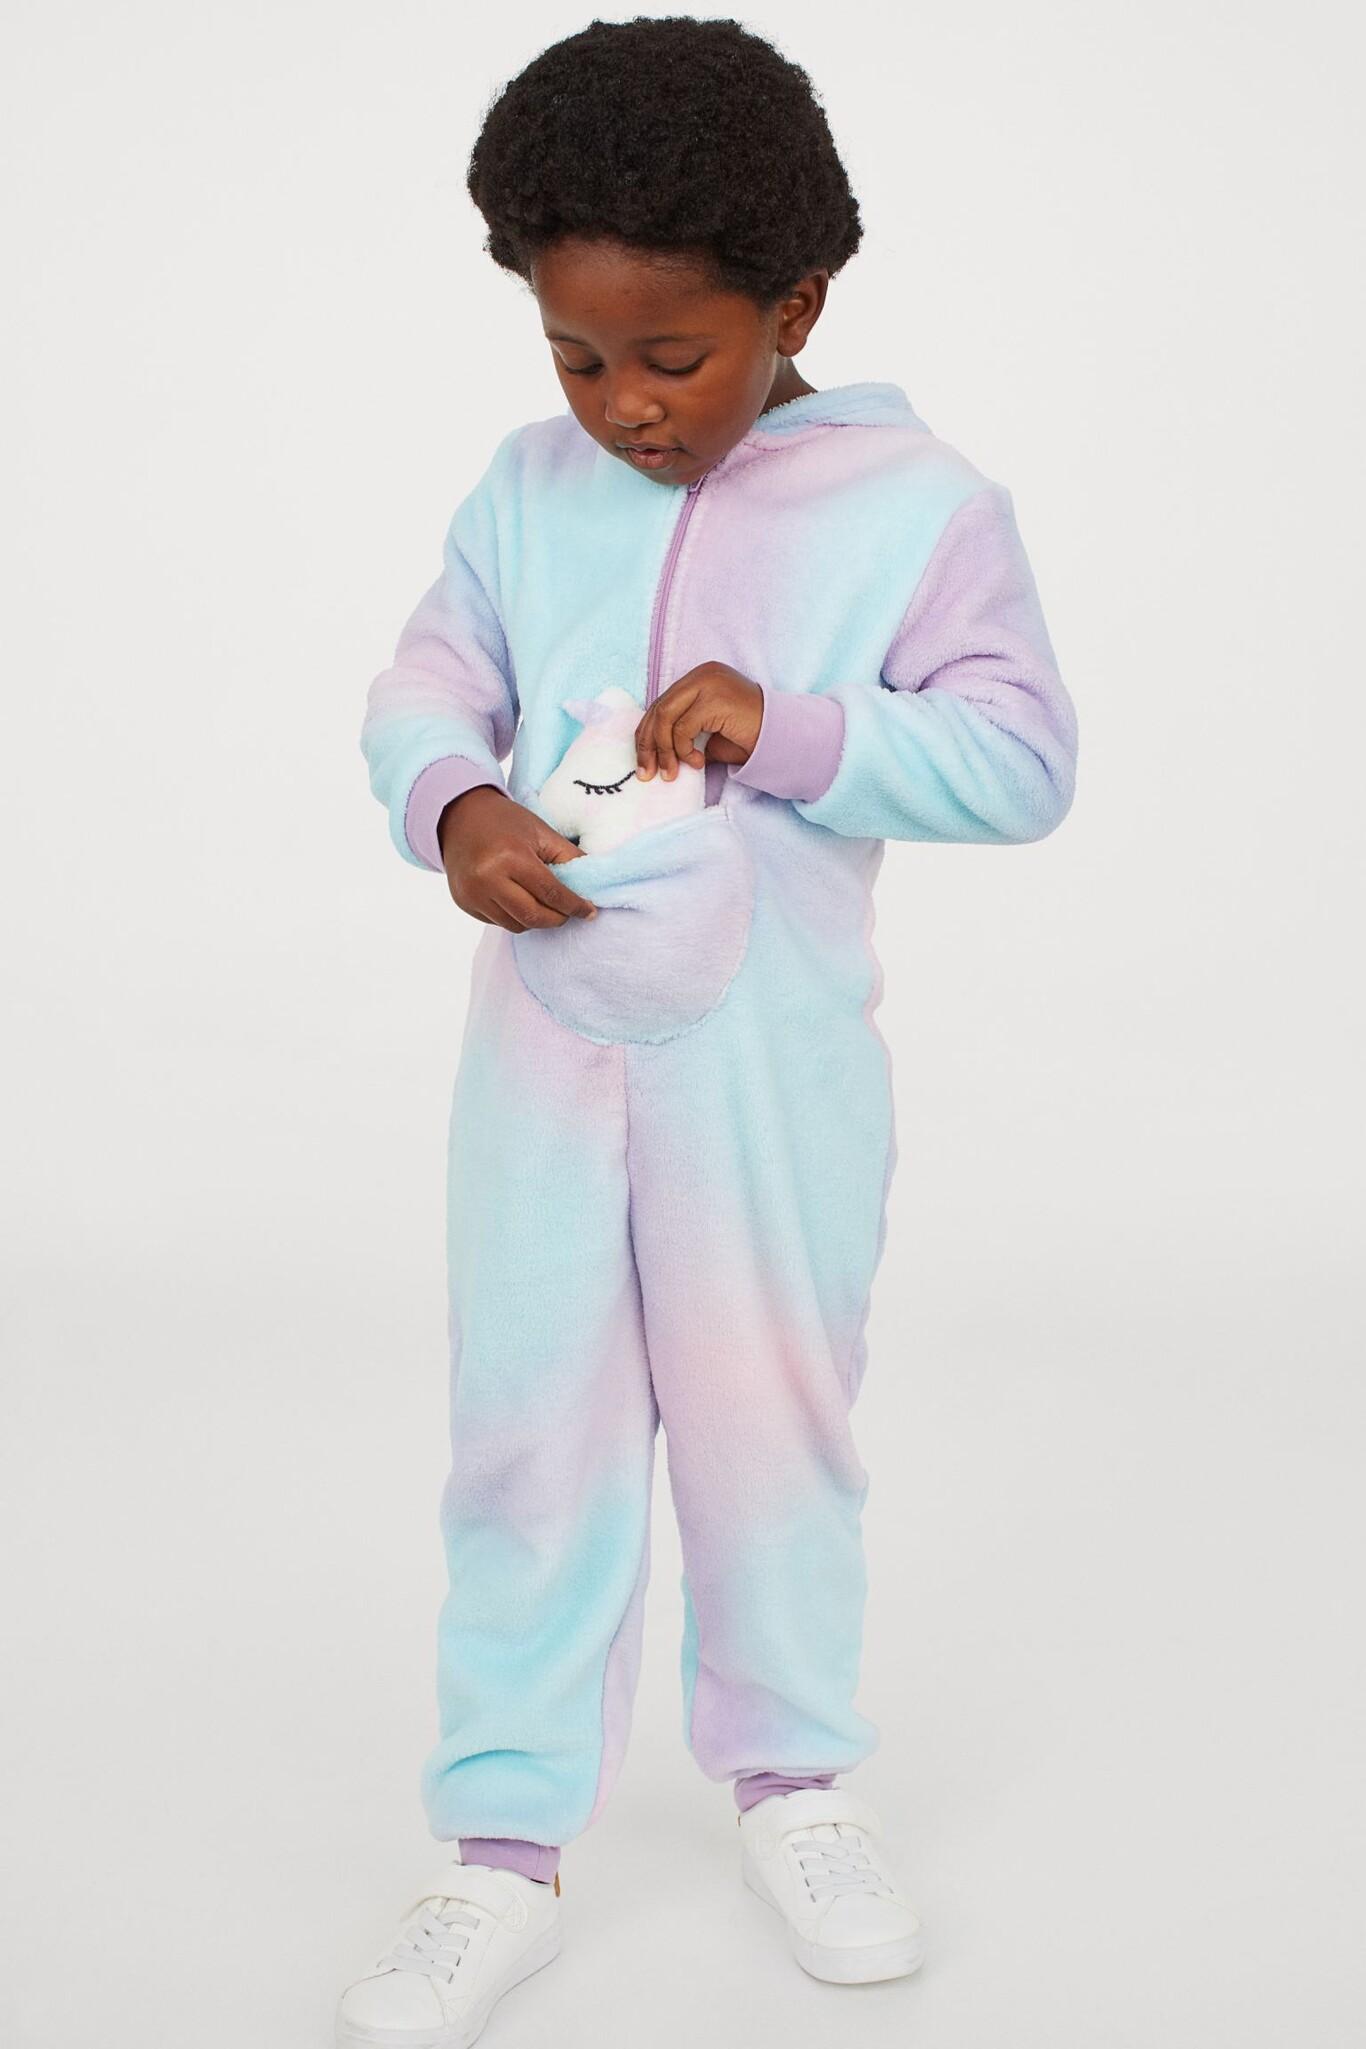 Disfraz de animal de peluche con bebé acolchado a juego. Modelo en peluche suave con bolsillo canguro con espacio para el bebé, capucha con aplicaciones de oreja y cremallera con protección para la barbilla.